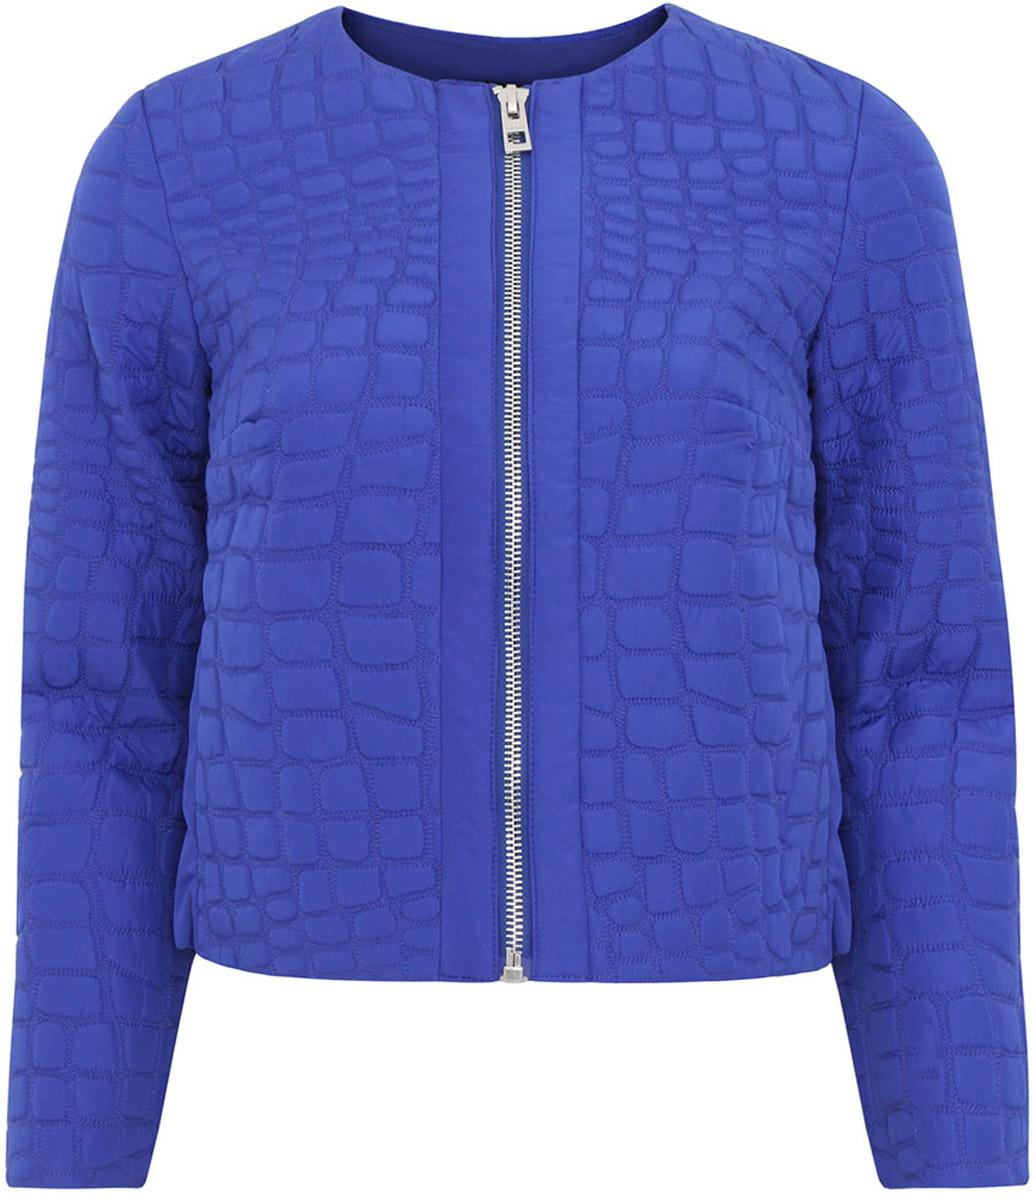 Куртка женская oodji Ultra, цвет: синий. 10304034/42781/7500N. Размер 38-170 (44-170)10304034/42781/7500NЖенская фуктурная куртка oodji Ultra выполнена из высококачественного материала, в качестве подкладки используется полиэстер. Утеплитель - синтепон. Укороченная модель с круглым вырезом горловины застегивается на застежку-молнию.